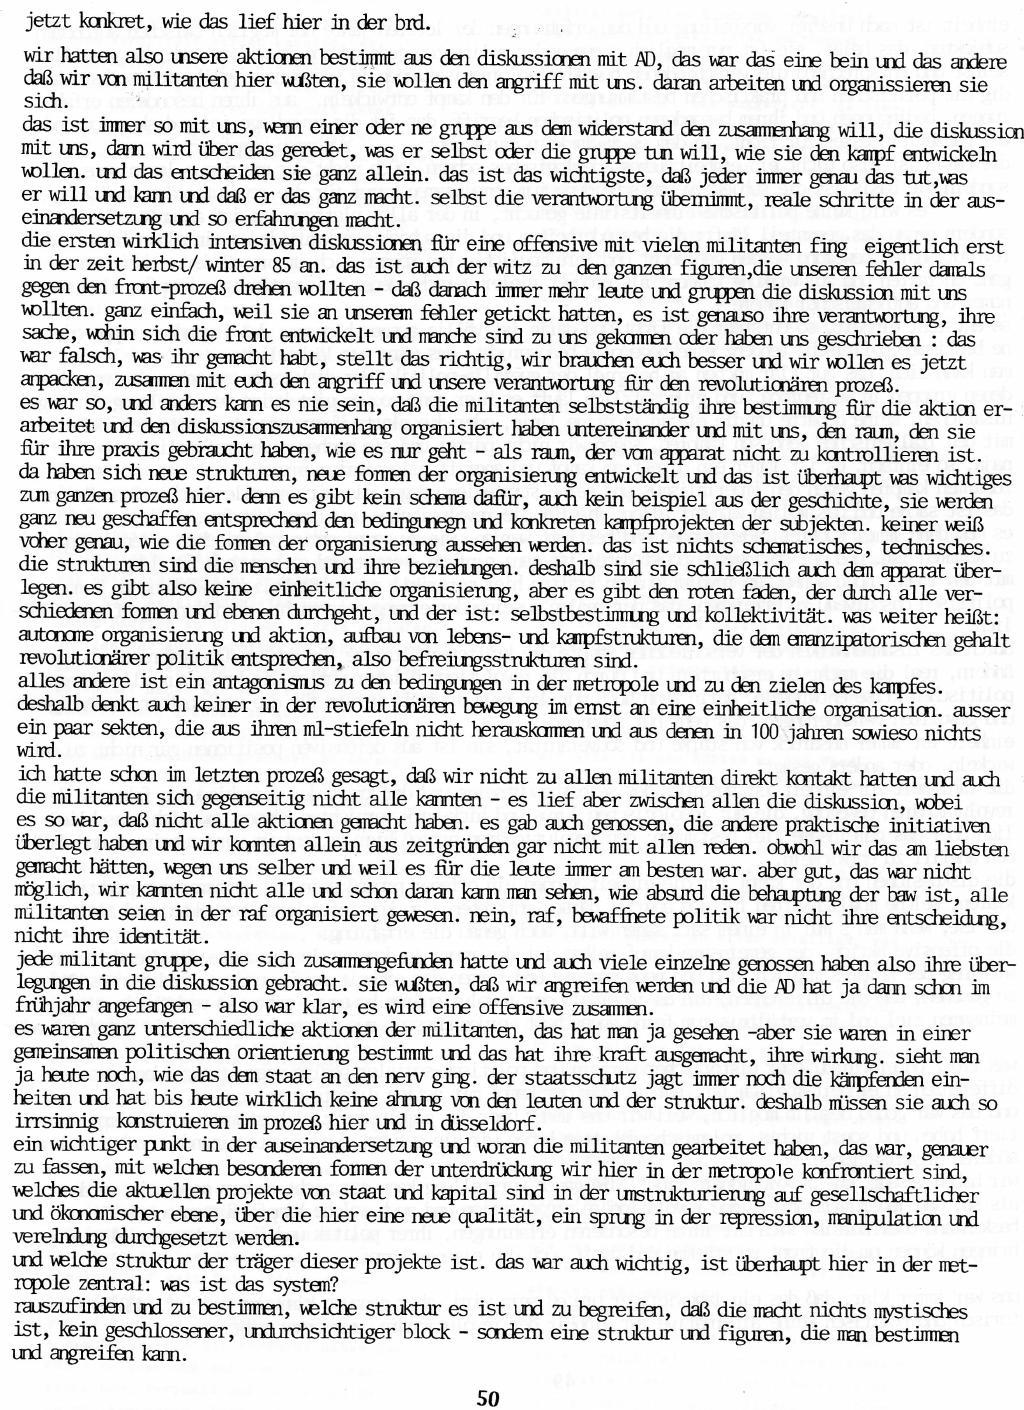 Duesseldorf_1989_Sechs_Politische_Gefangene_050